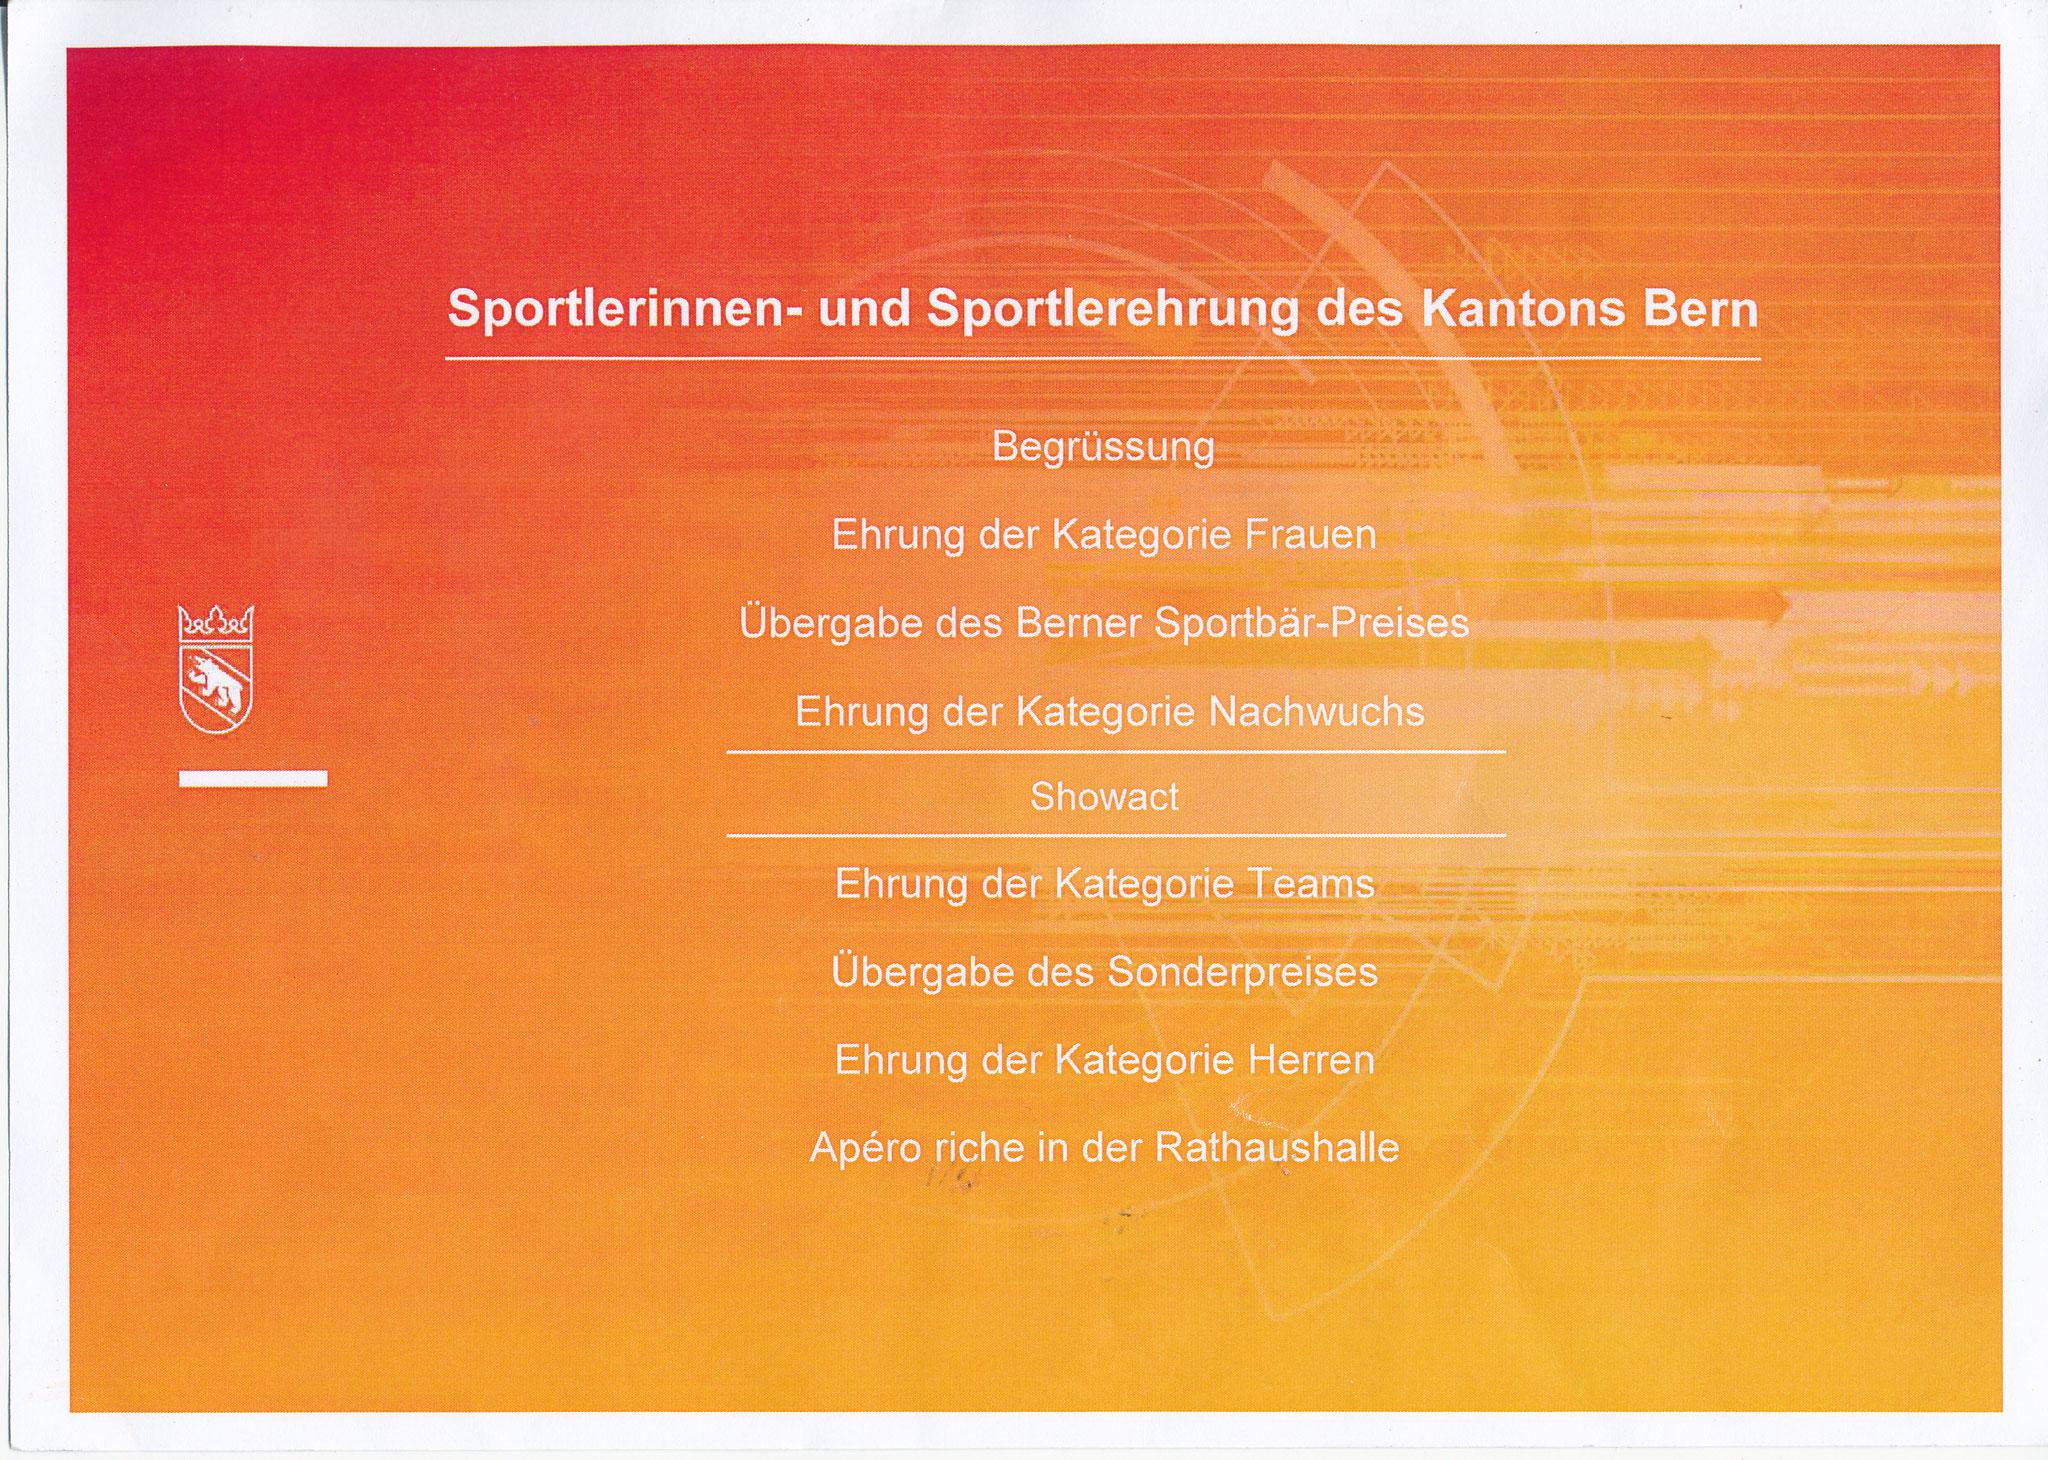 Von der Jünsten (14 Jahre alt) bis zur Seniorin (85 Jahre alt) wurden ca. 65 Personen für Ihre Lestungen in verschiedenen Sportarten geehrt.